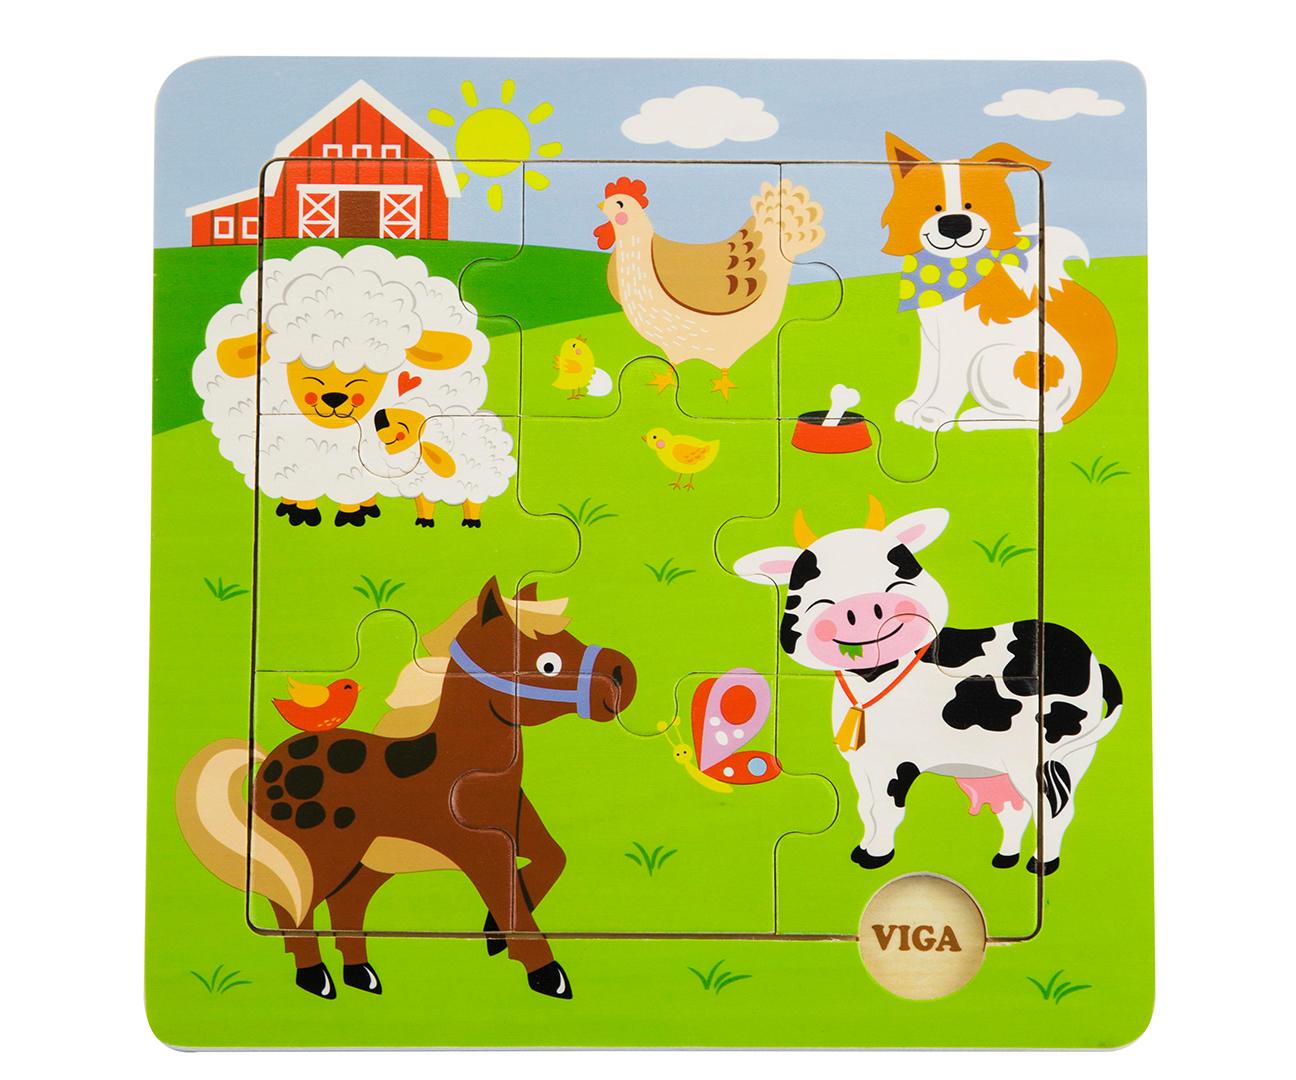 Viga 50837 Puidust puzzle - Farm